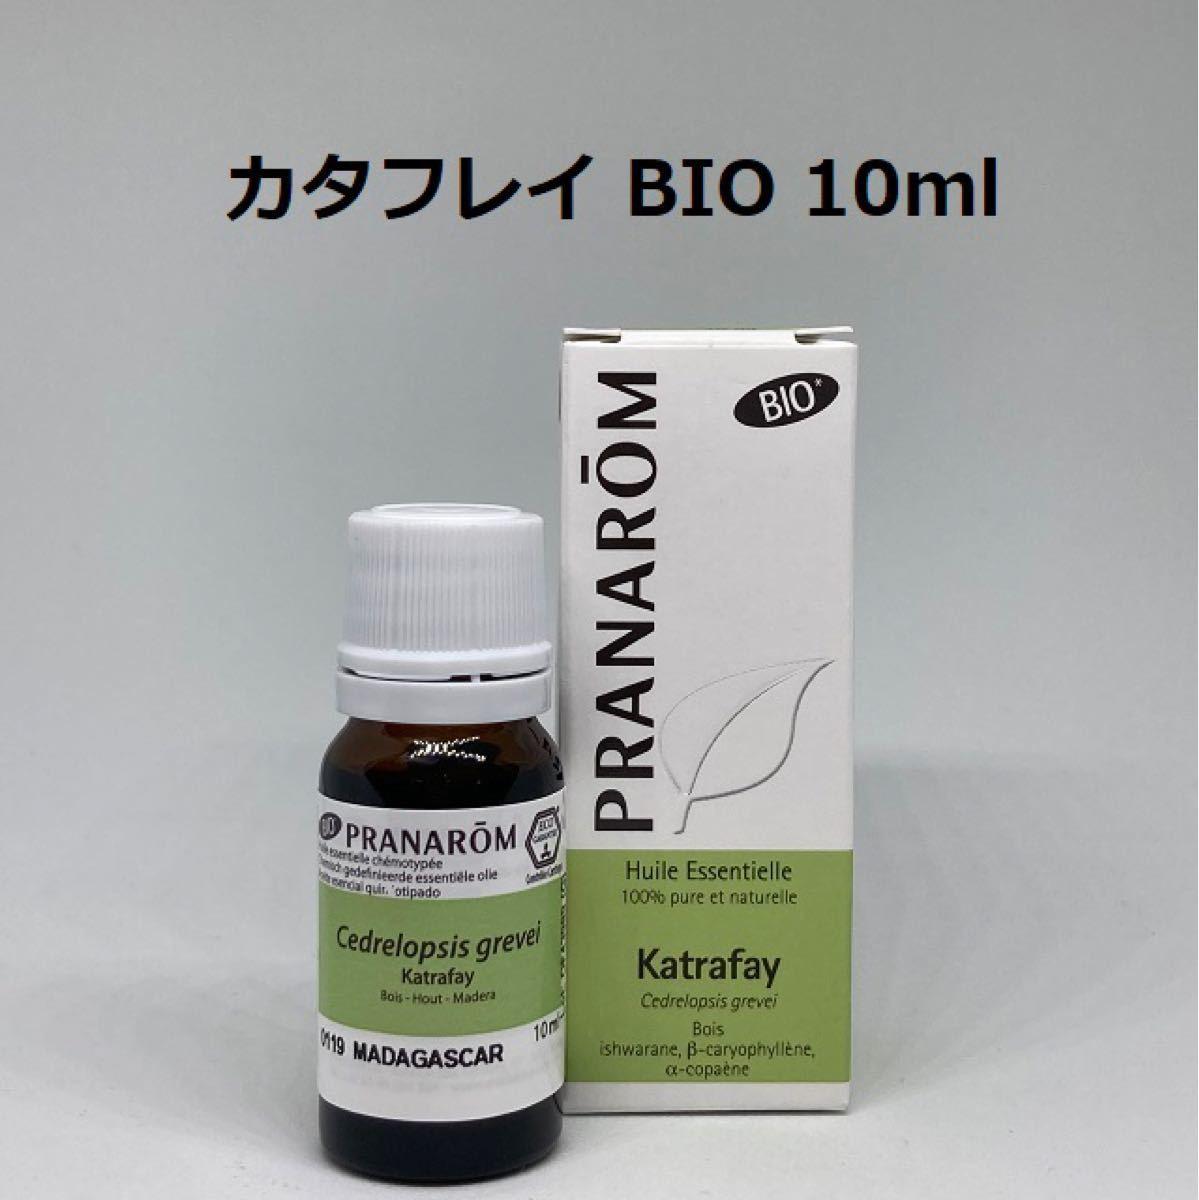 プラナロム カタフレイ BIO 10ml PRANAROM